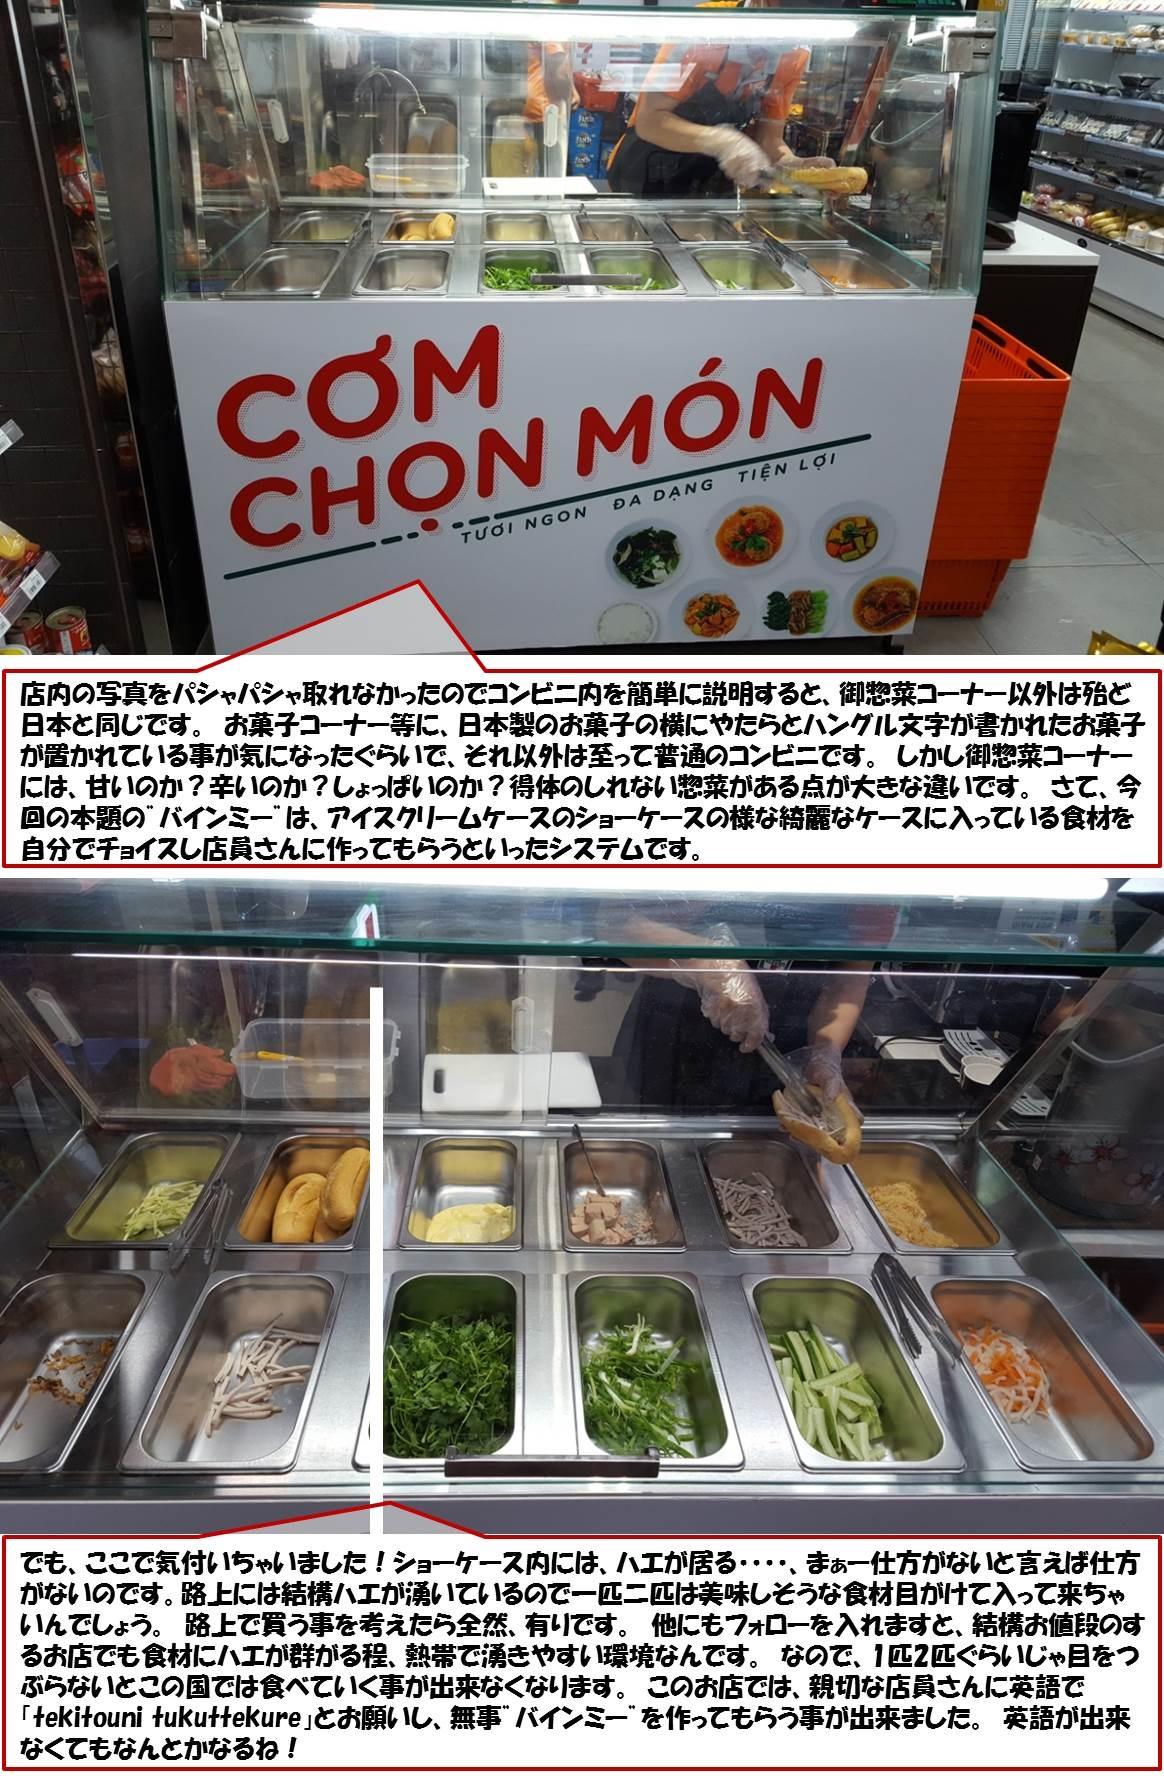 """店内の写真をパシャパシャ取れなかったのでコンビニ内を簡単に説明すると、御惣菜コーナー以外は殆ど日本と同じです。 お菓子コーナー等に、日本製のお菓子の横にやたらとハングル文字が書かれたお菓子が置かれている事が気になったぐらいで、それ以外は至って普通のコンビニです。 しかし御惣菜コーナーには、甘いのか?辛いのか?しょっぱいのか?得体のしれない惣菜がある点が大きな違いです。 さて、今回の本題の""""バインミー""""は、アイスクリームケースのショーケースの様な綺麗なケースに入っている食材を自分でチョイスし店員さんに作ってもらうといったシステムです。           でも、ここで気付いちゃいました!ショーケース内には、ハエが居る・・・・、まぁー仕方がないと言えば仕方がないのです。路上には結構ハエが湧いているので一匹二匹は美味しそうな食材目がけて入って来ちゃいんでしょう。 路上で買う事を考えたら全然、有りです。 他にもフォローを入れますと、結構お値段のするお店でも食材にハエが群がる程、熱帯で湧きやすい環境なんです。 なので、1匹2匹ぐらいじゃ目をつぶらないとこの国では食べていく事が出来なくなります。 このお店では、親切な店員さんに英語で「tekitouni tukuttekure」とお願いし、無事""""バインミー""""を作ってもらう事が出来ました。 英語が出来なくてもなんとかなるね!"""